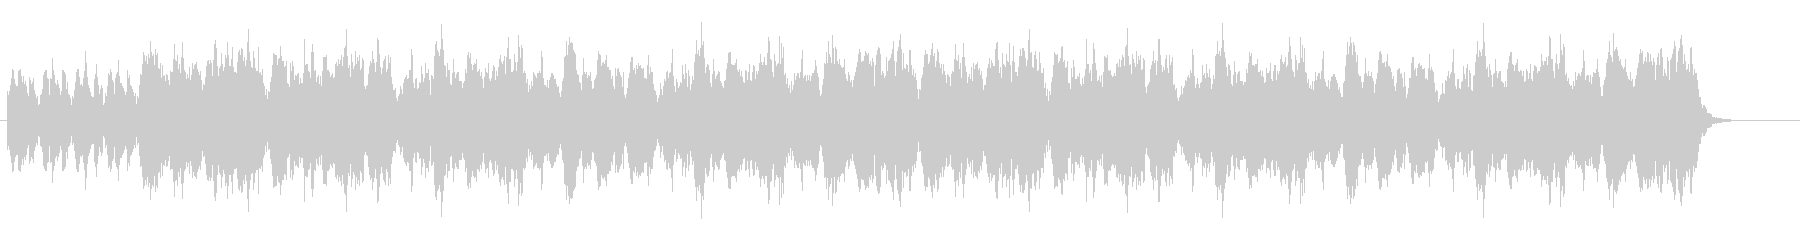 オーケストラの幻想的なワルツの未再生の波形